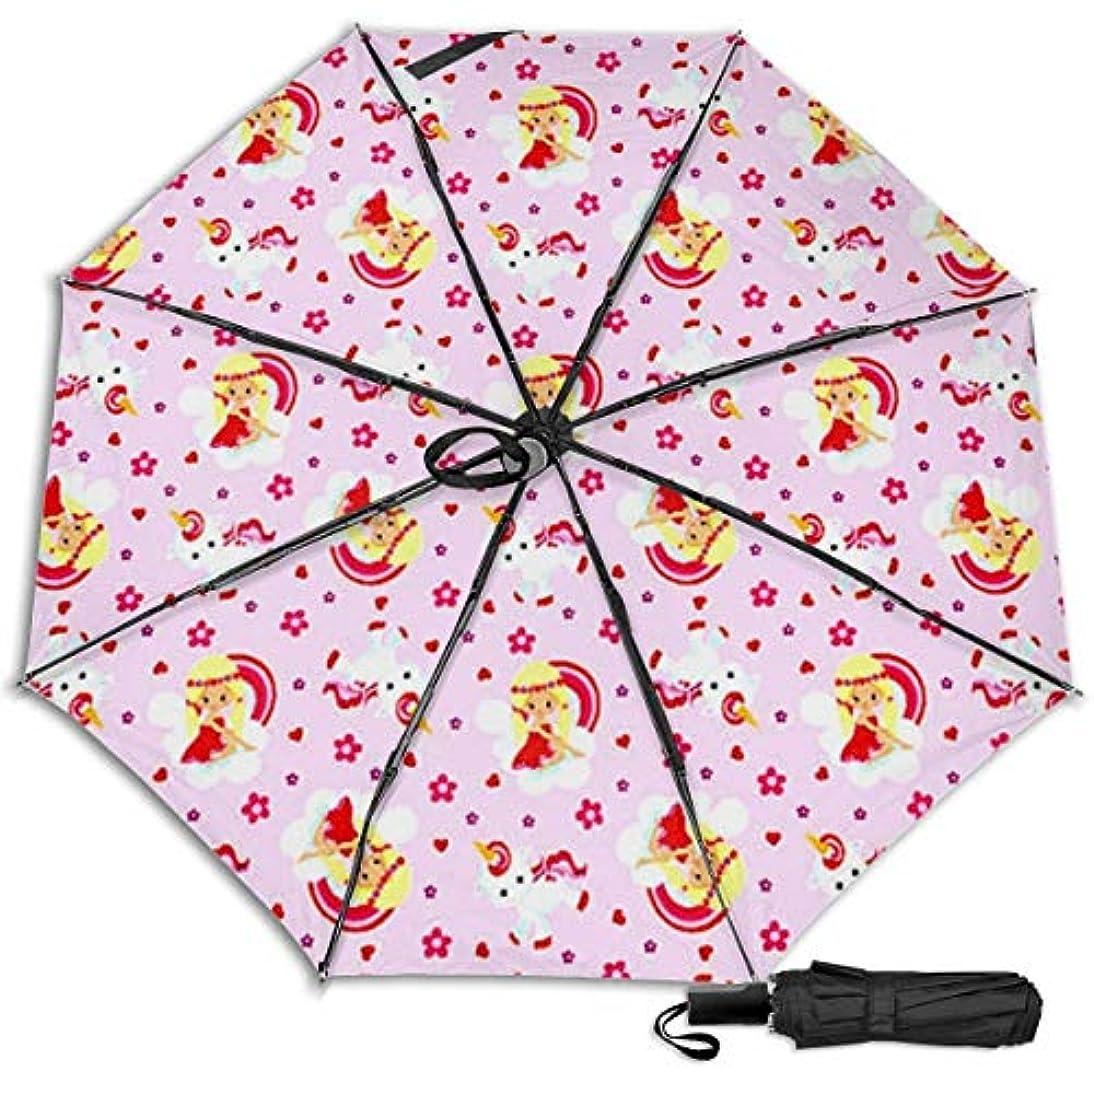 実施する憲法愛人ユニコーンプリンセス日傘 折りたたみ日傘 折り畳み日傘 超軽量 遮光率100% UVカット率99.9% UPF50+ 紫外線対策 遮熱効果 晴雨兼用 携帯便利 耐風撥水 手動 男女兼用